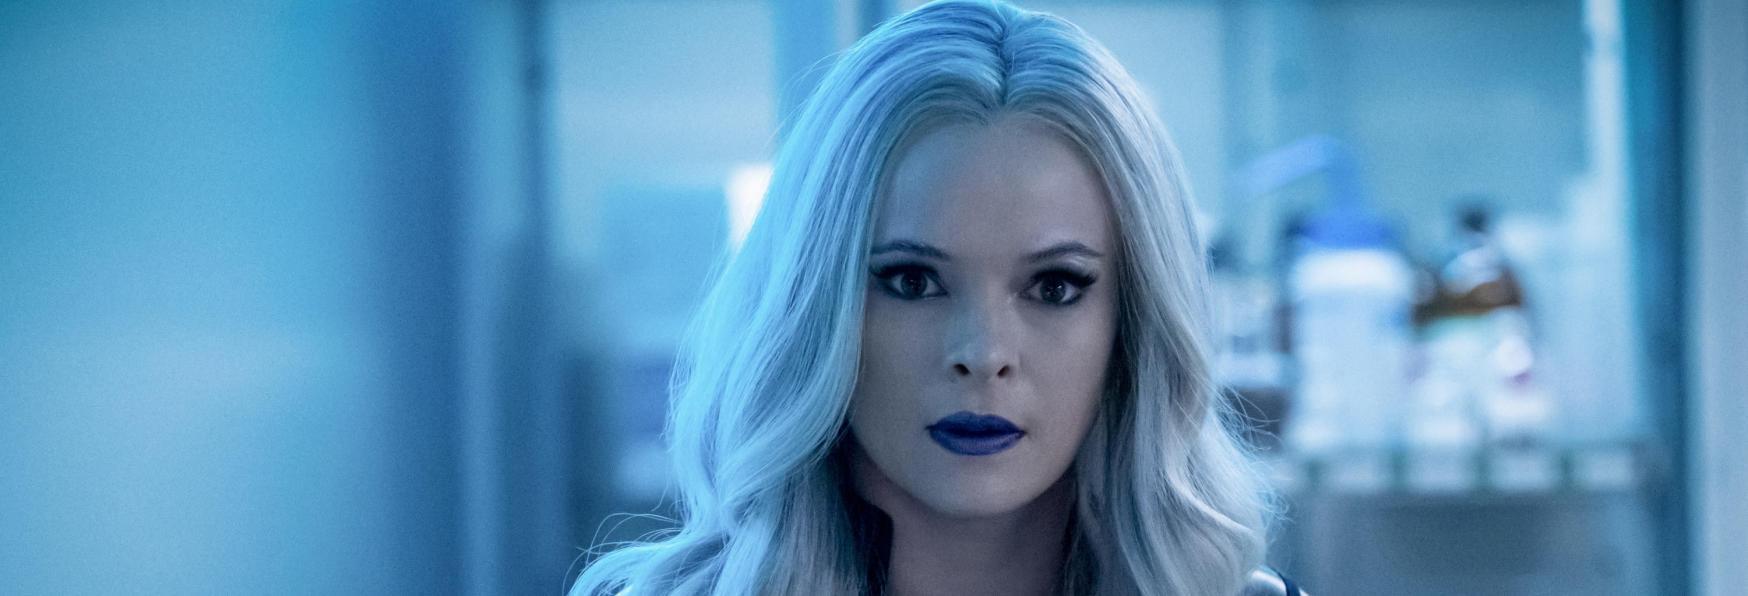 The Flash 7: il Destino di Killer Frost nel Promo dell'Ottavo Episodio